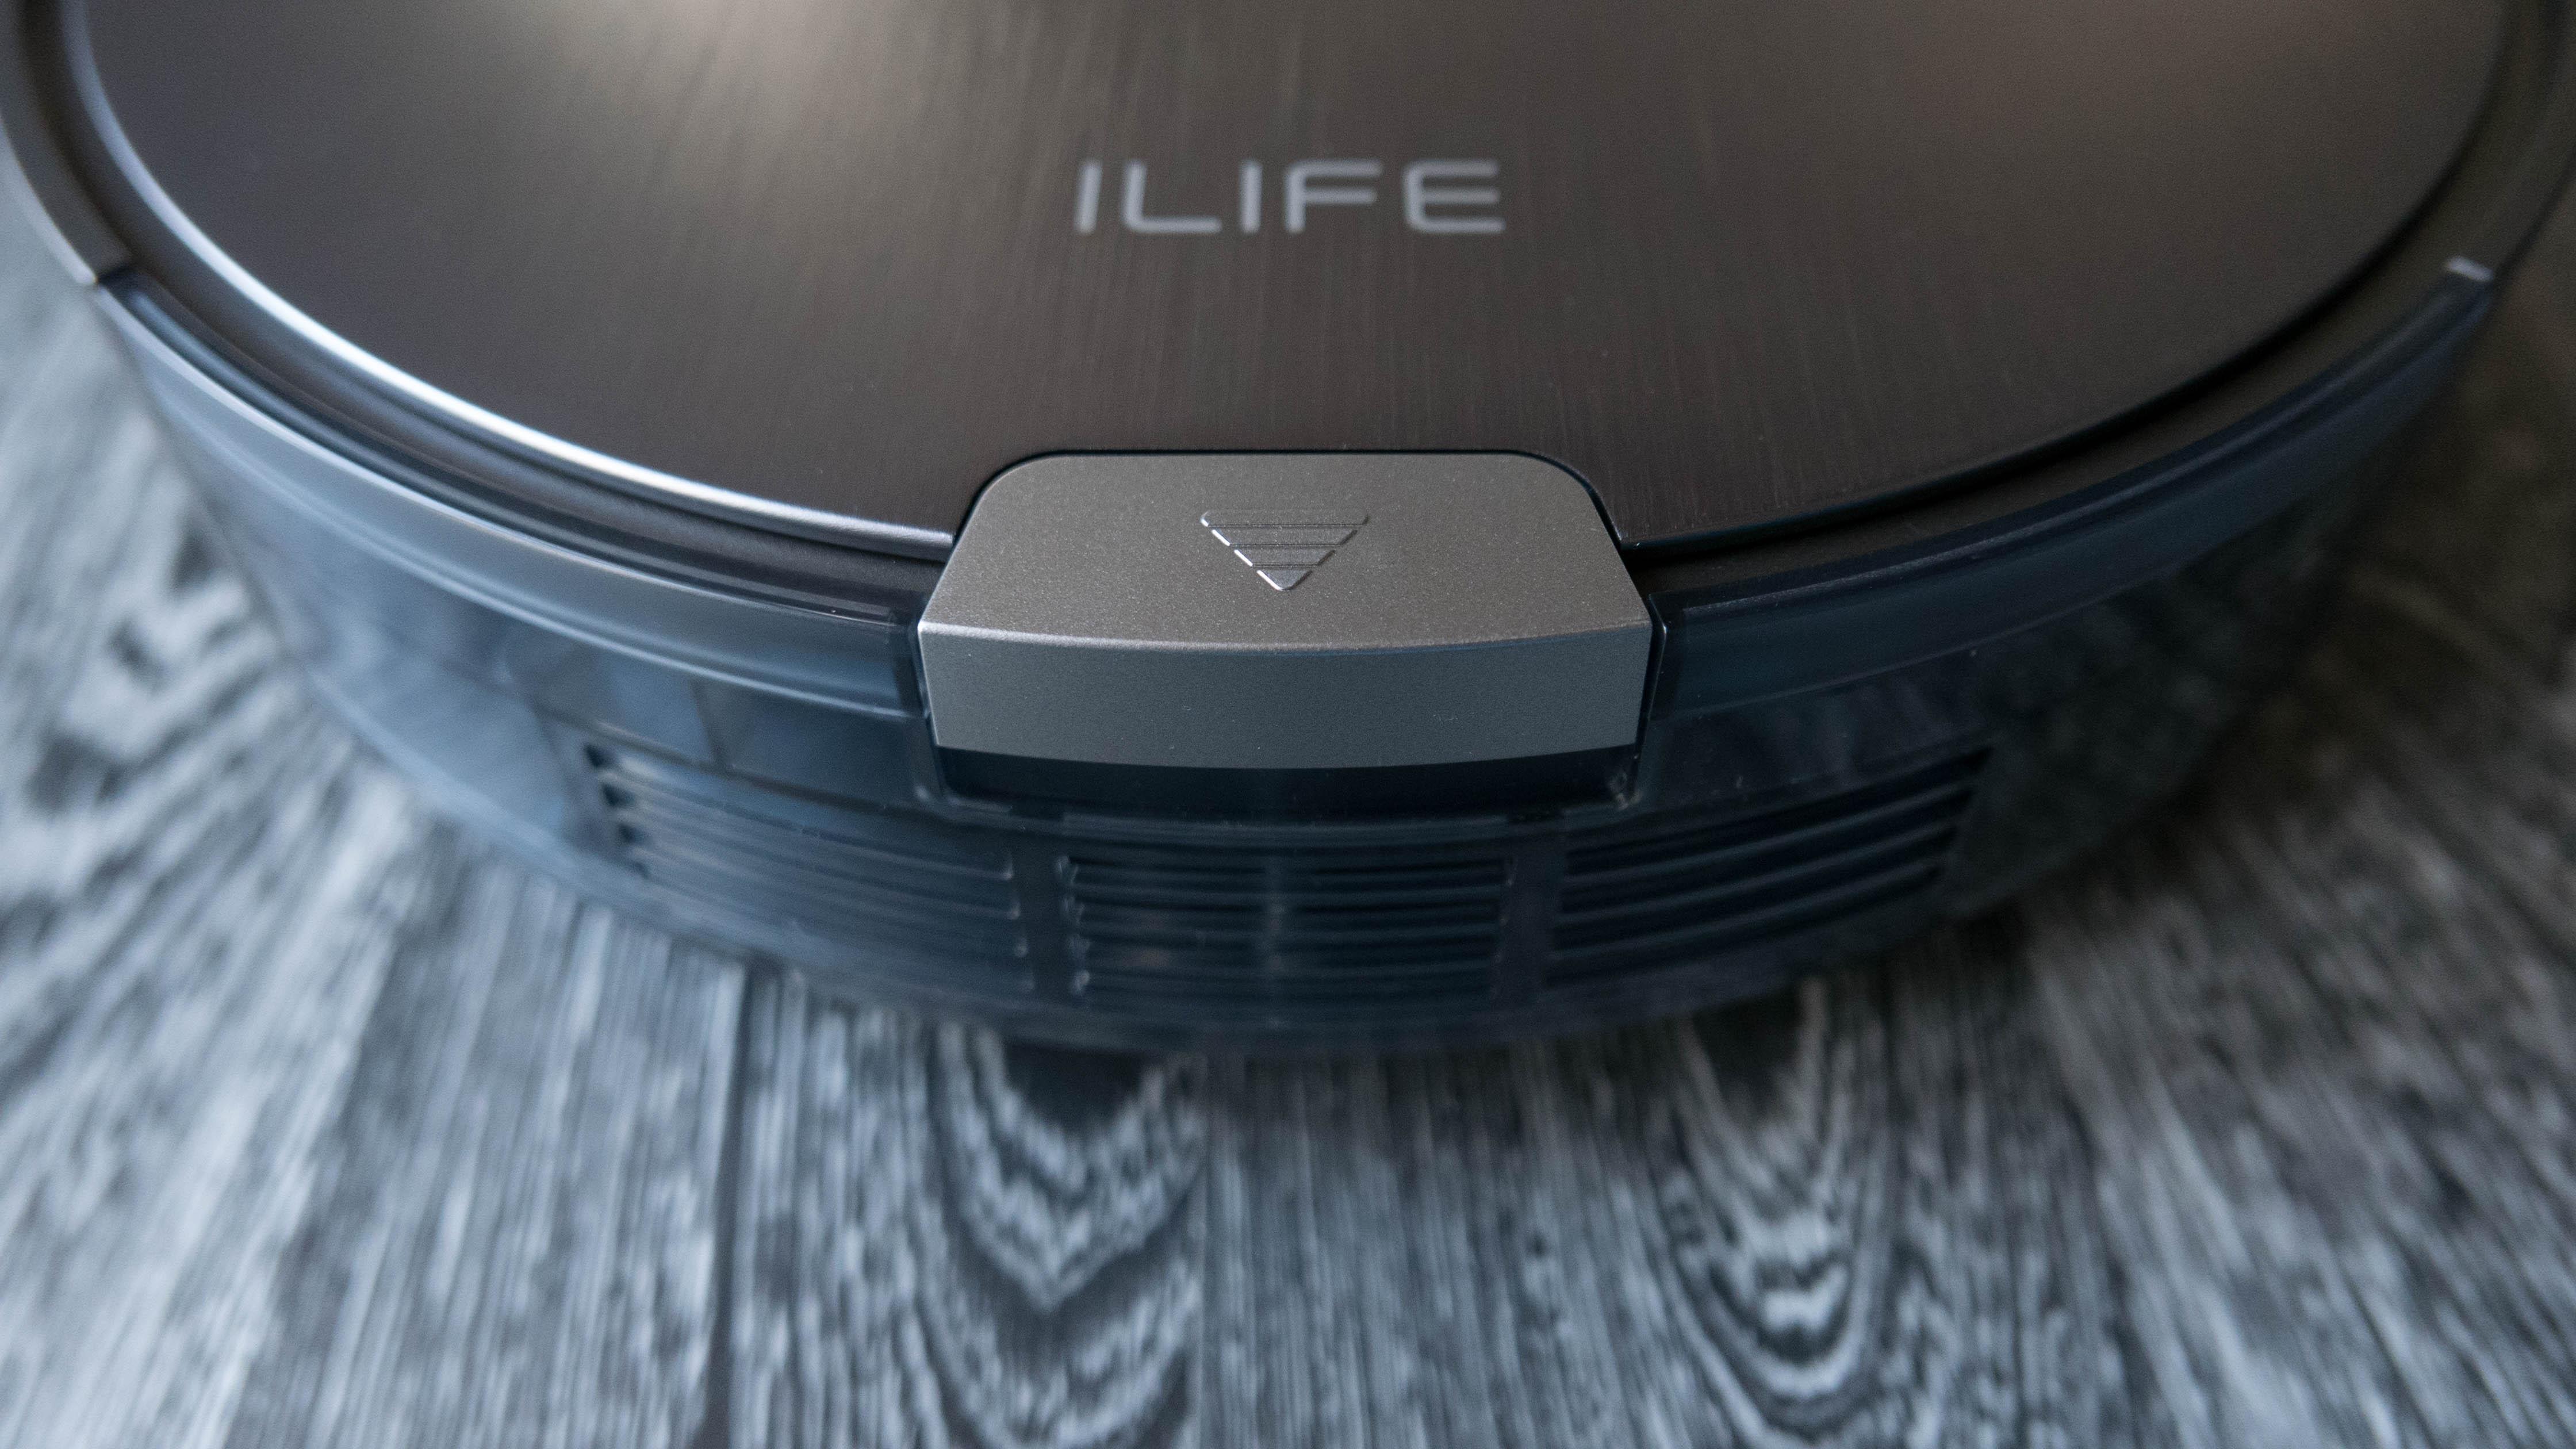 ILIFE V80 Details 4